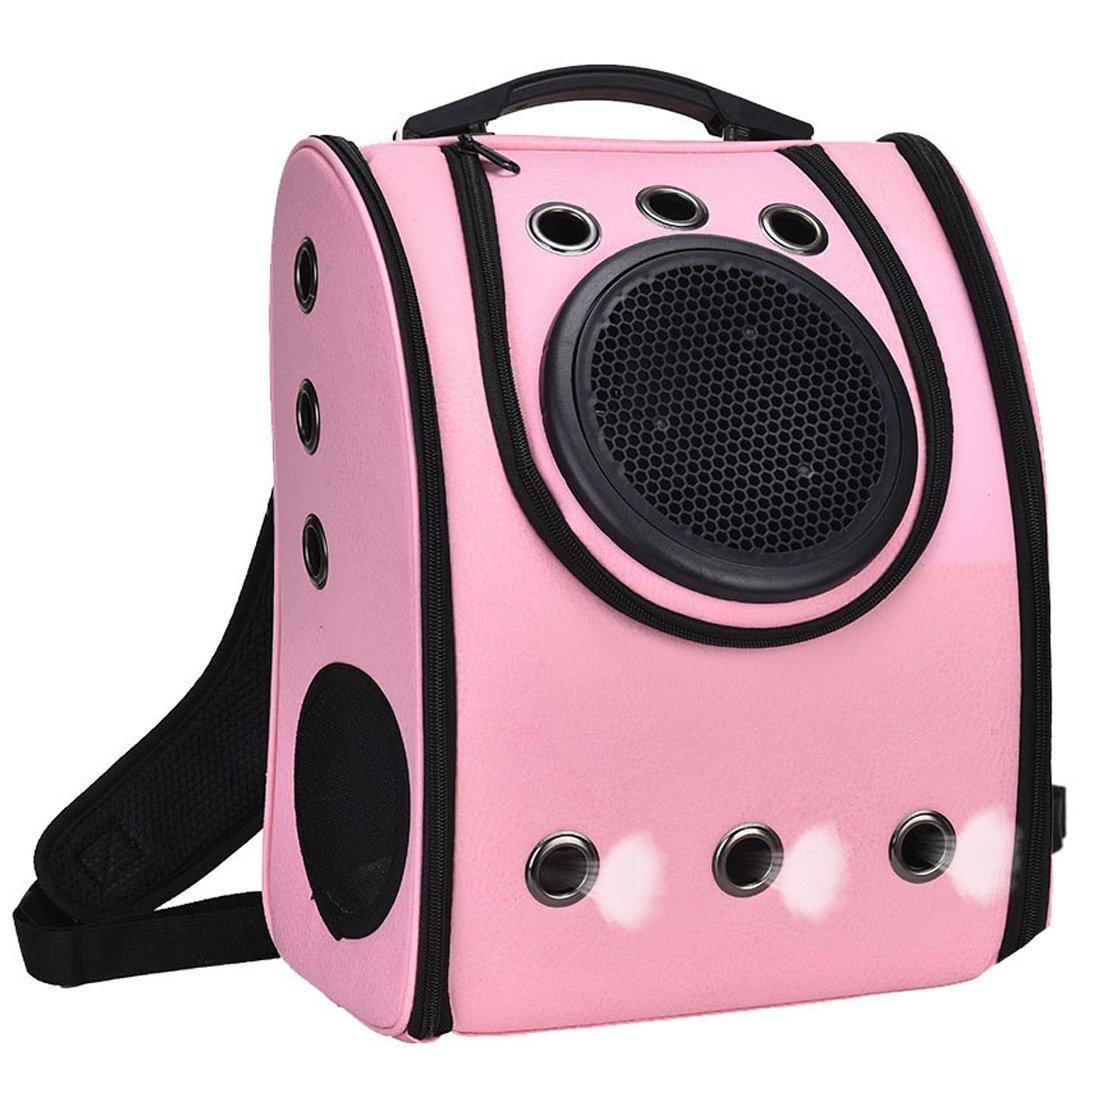 ペット お出かけ お散歩 リュック ピンク 犬 猫 持ち運び キャリーバッグ